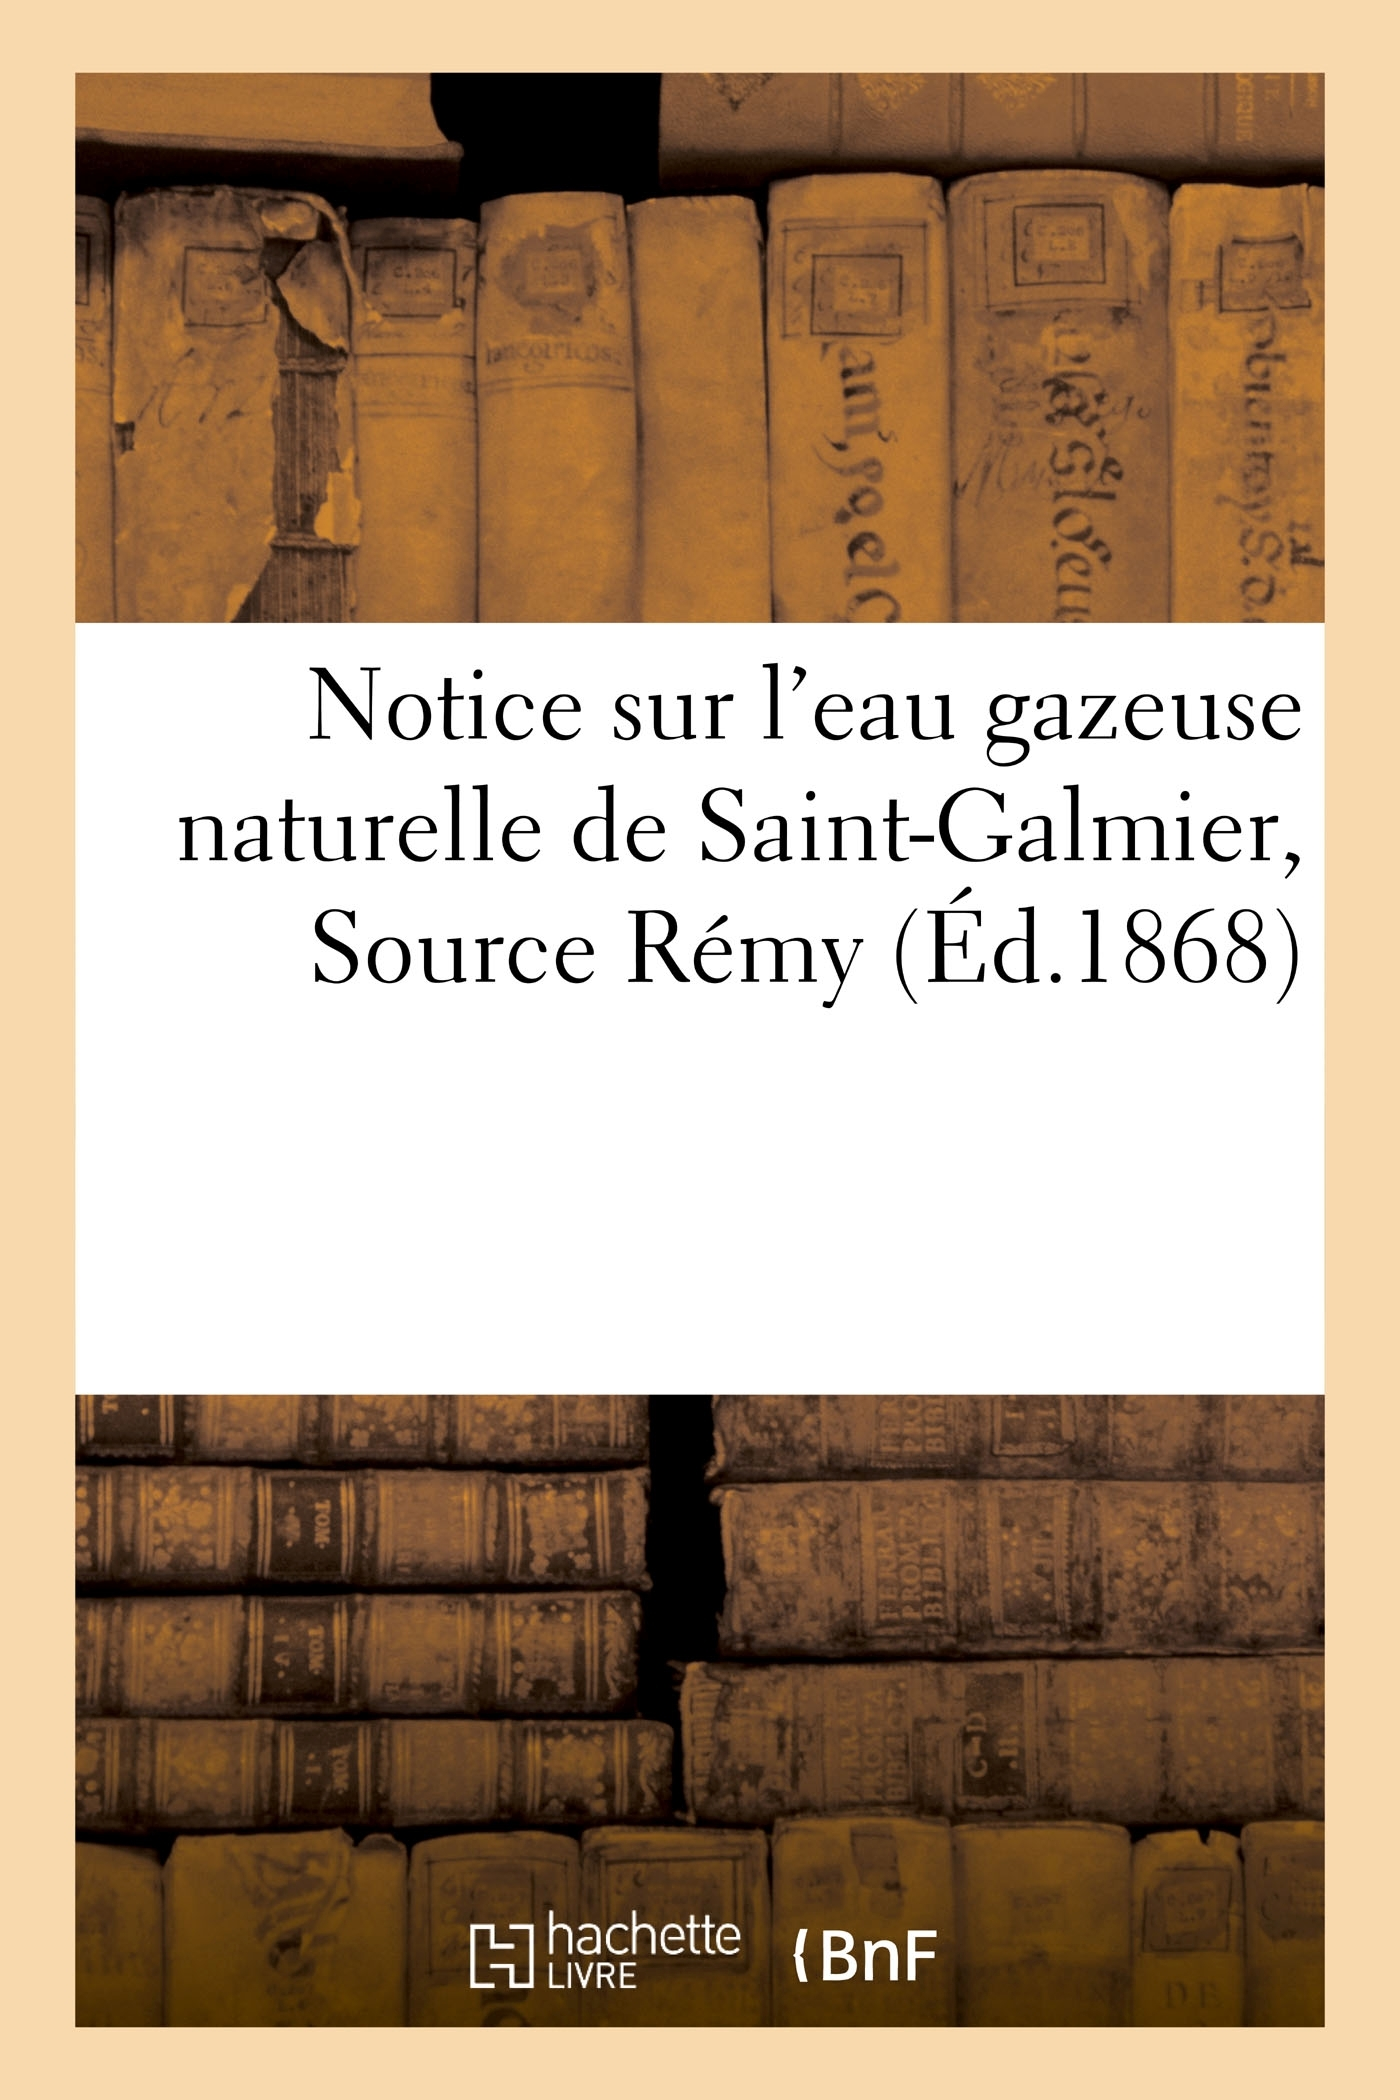 NOTICE SUR L'EAU GAZEUSE NATURELLE DE SAINT-GALMIER, SOURCE REMY